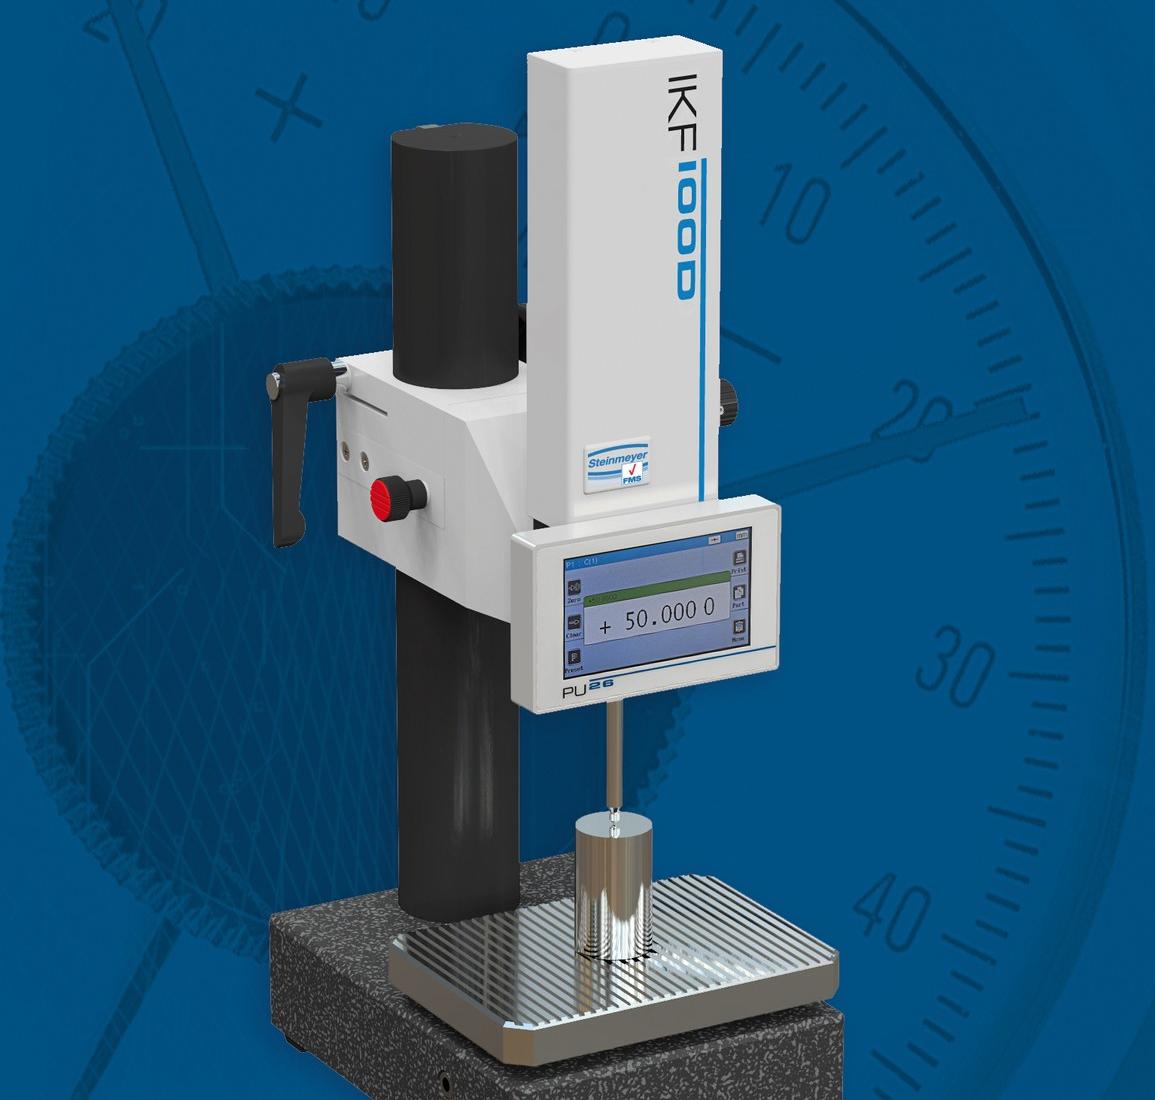 Der manuell verstellbare inkrementale Feintaster IKF100D mit integrierter Anzeigeeinheit eignet sich bestens für den Einsatz in Laboren.